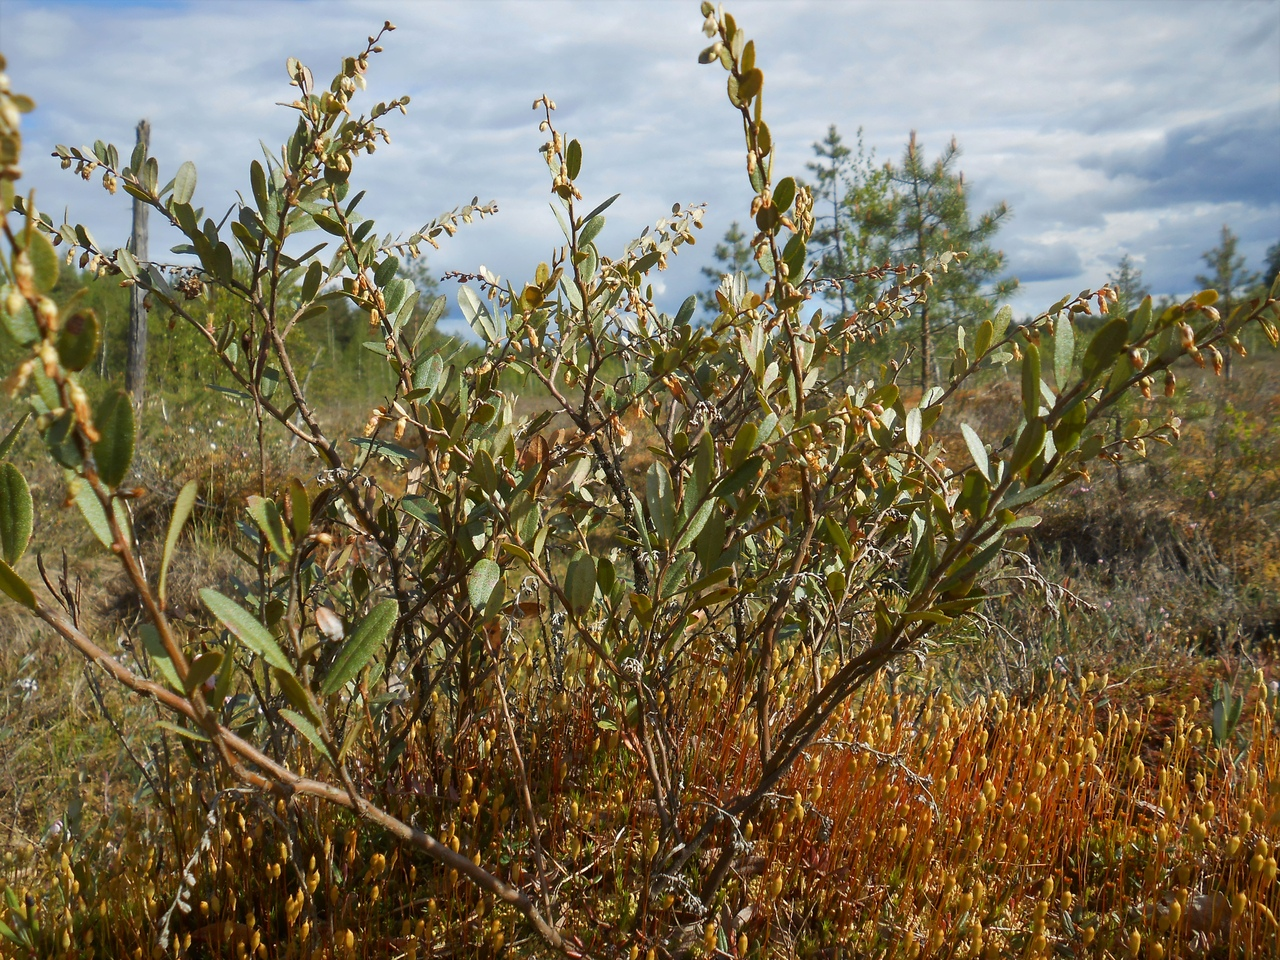 болото, семейство вересковые, растения болот, весеннее болото, хамедафна обыкновенная